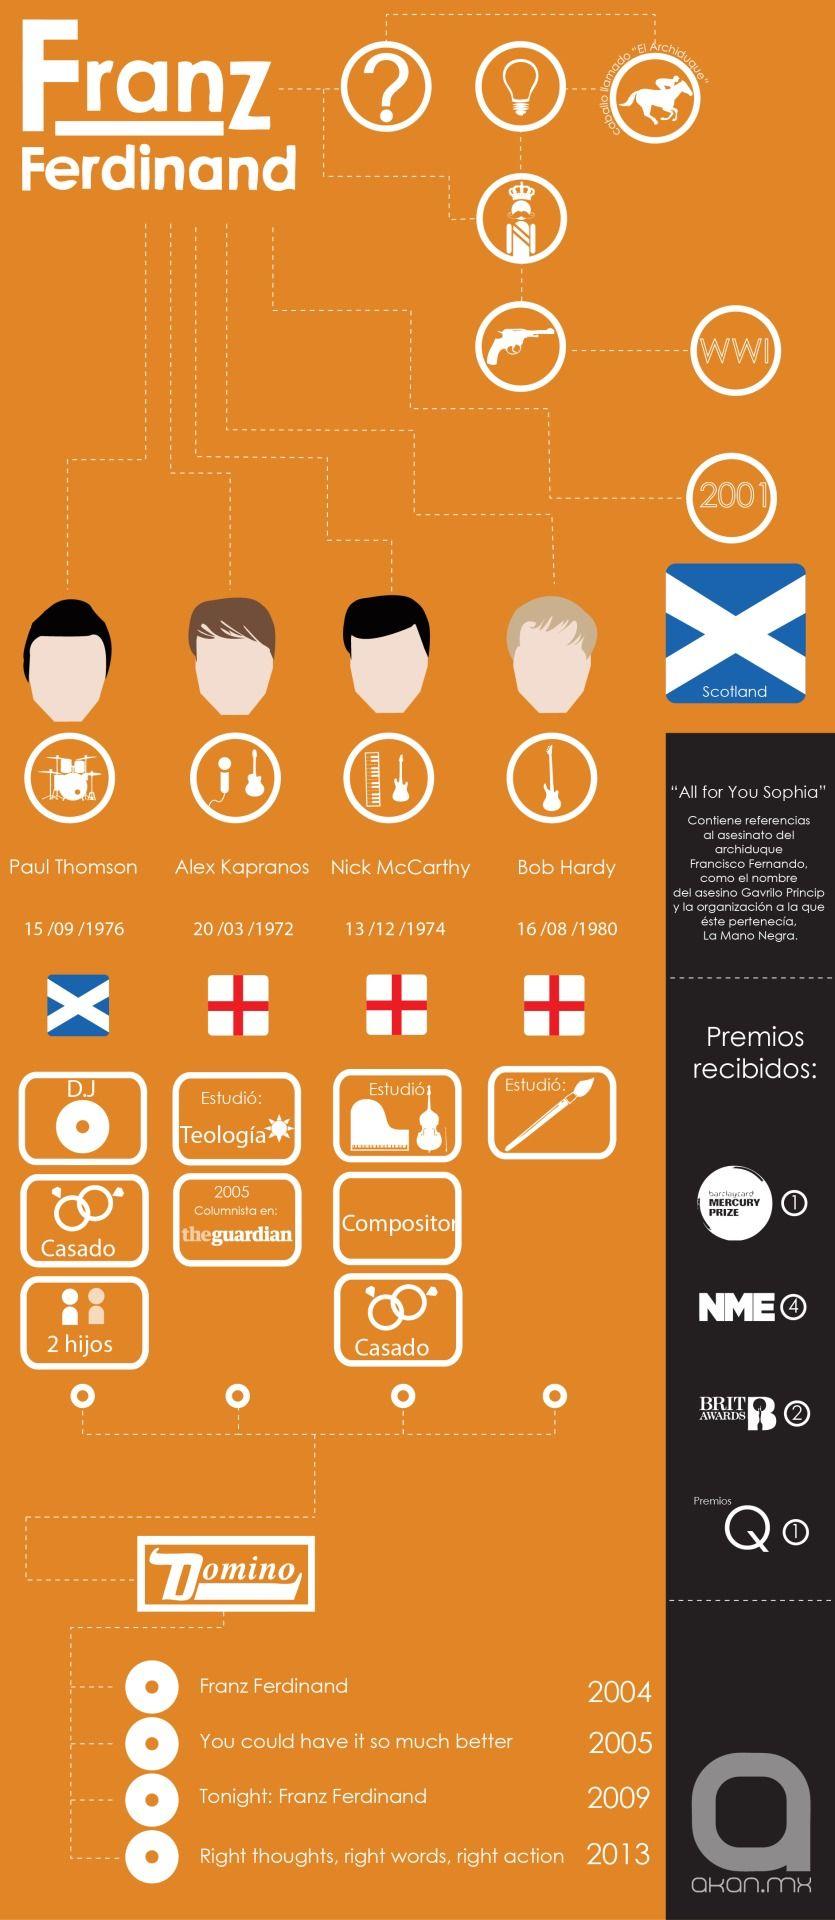 Infografía de la banda Franz Ferdinand.